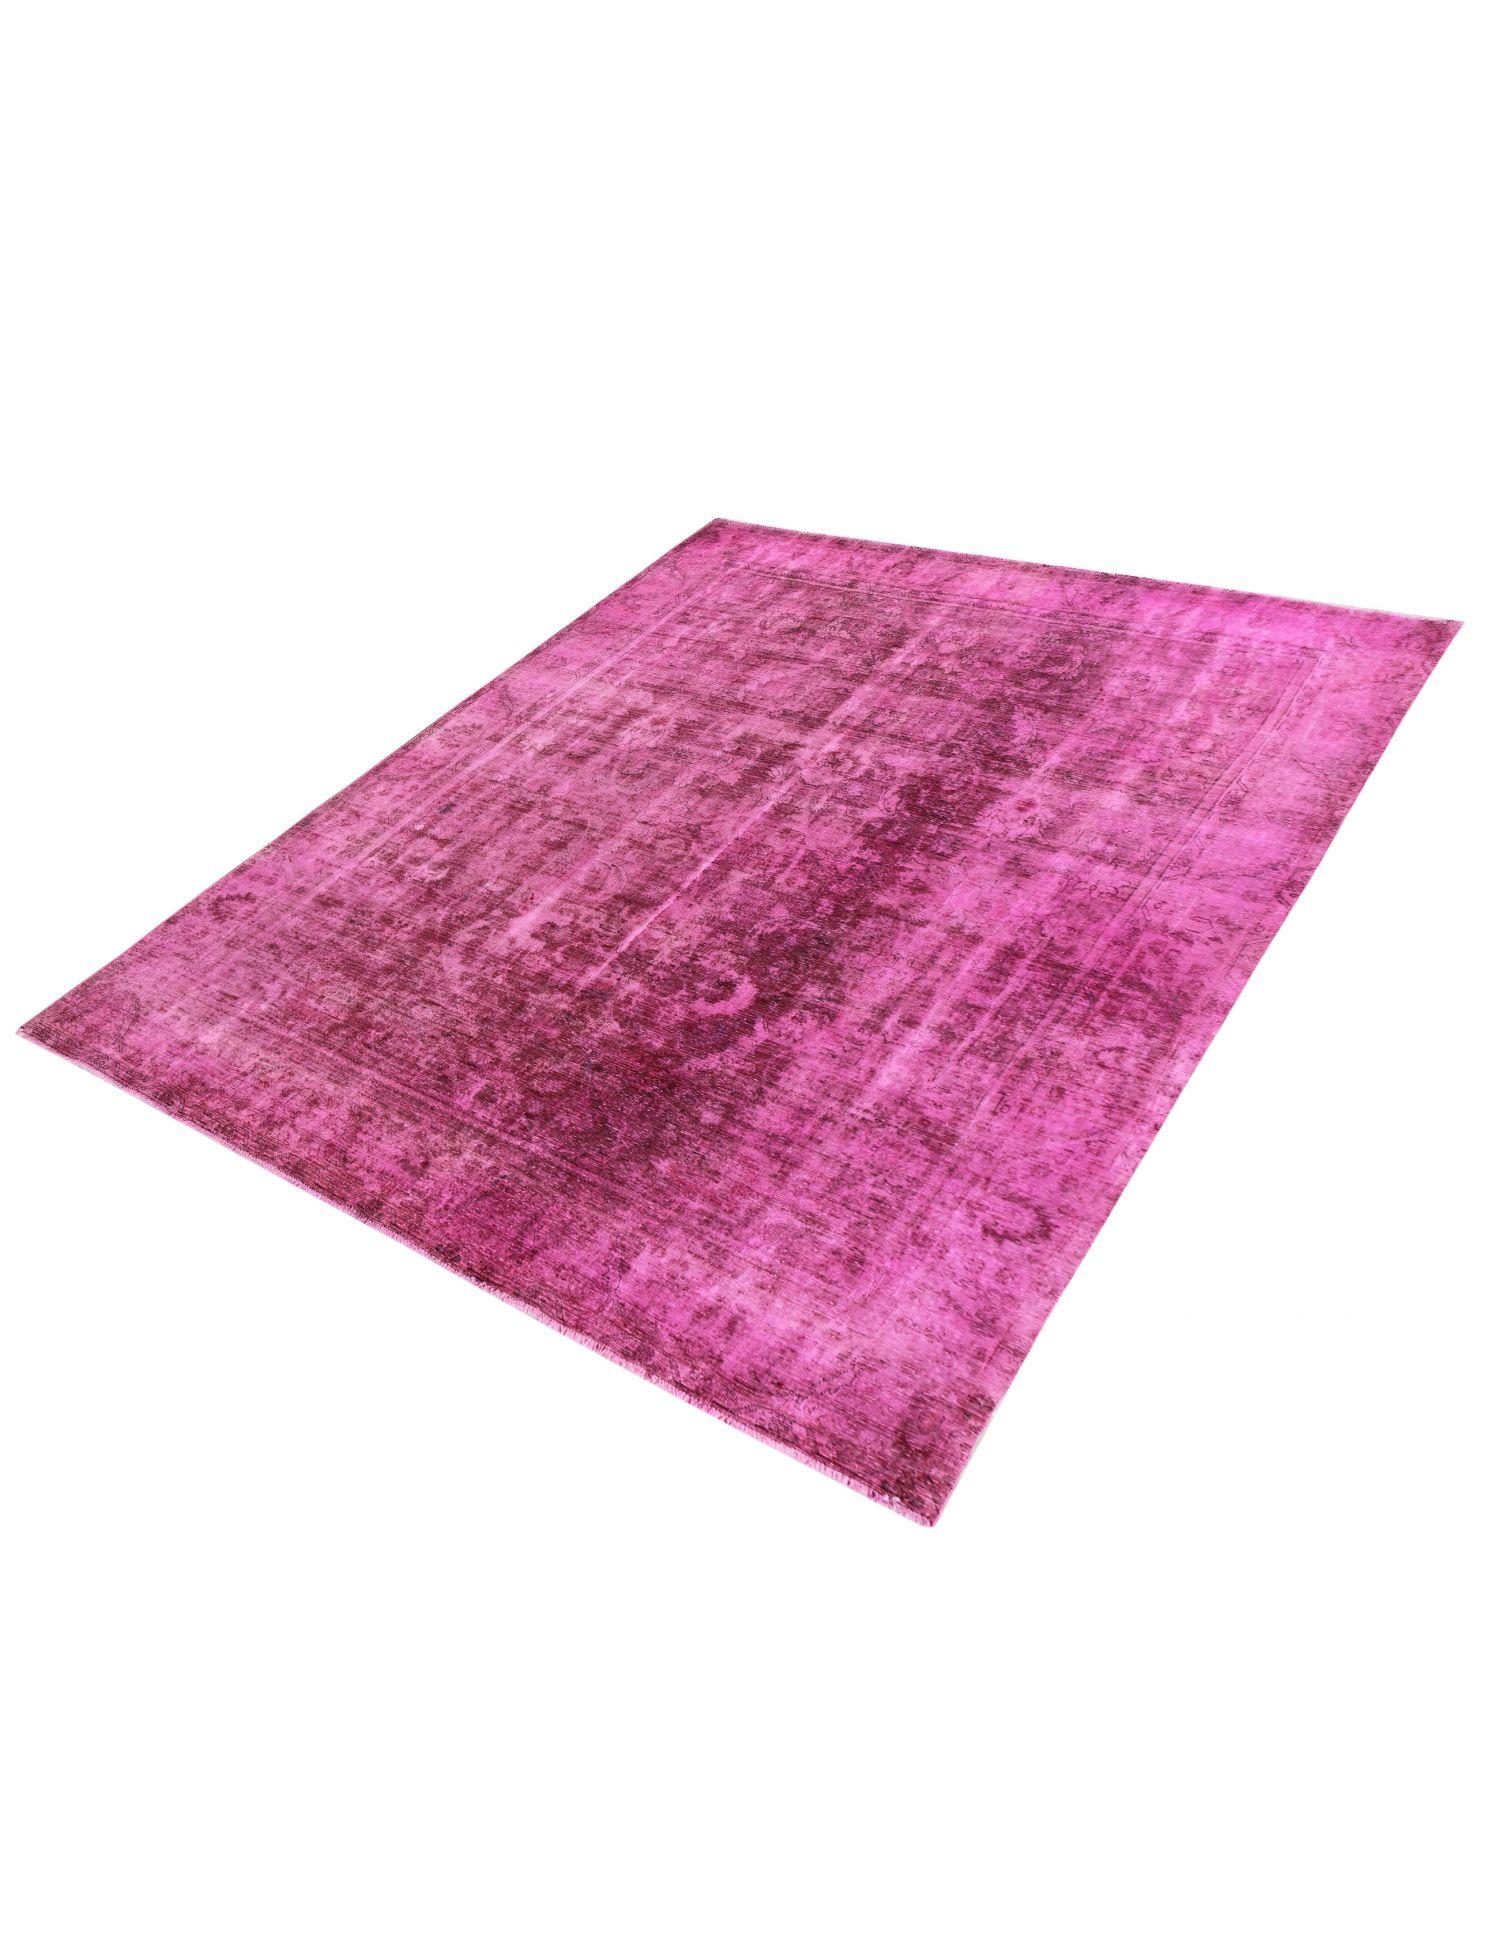 Vintage Teppich  rosa <br/>370 x 283 cm